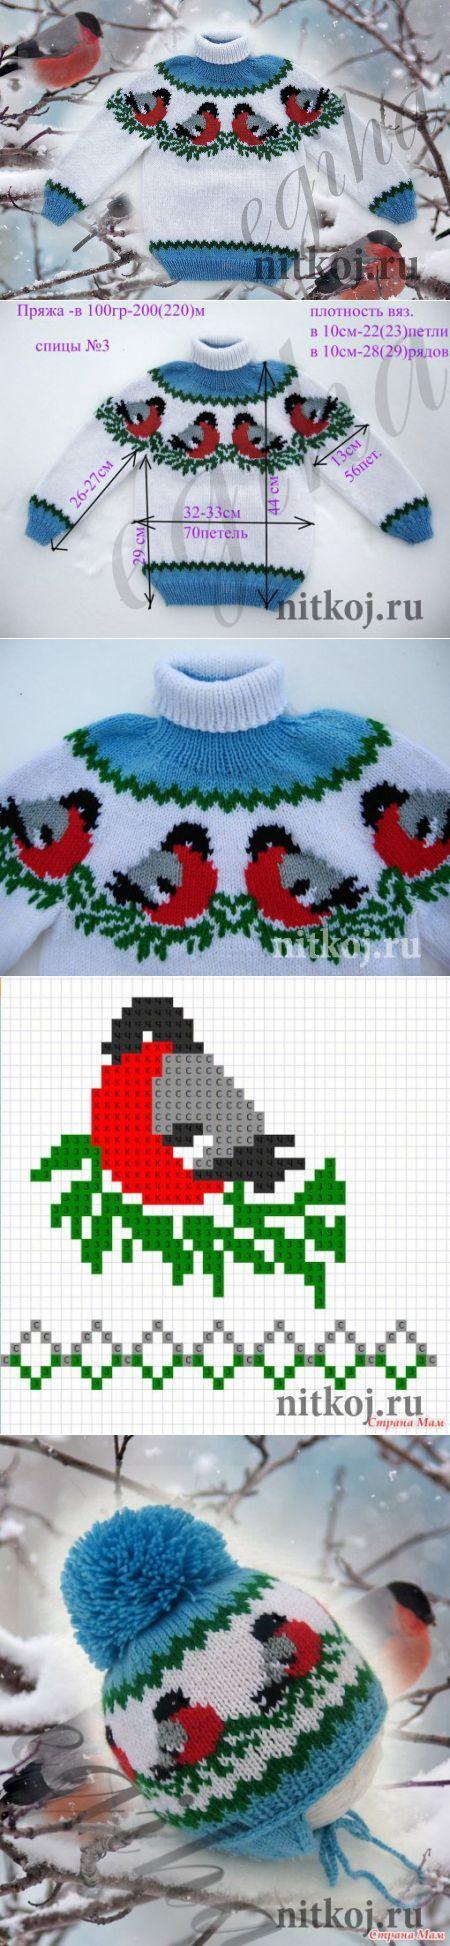 """Детский свитер спицами """"Снегири на снегу"""" » Ниткой - вязаные вещи для вашего дома, вязание крючком, вязание спицами, схемы вязания"""